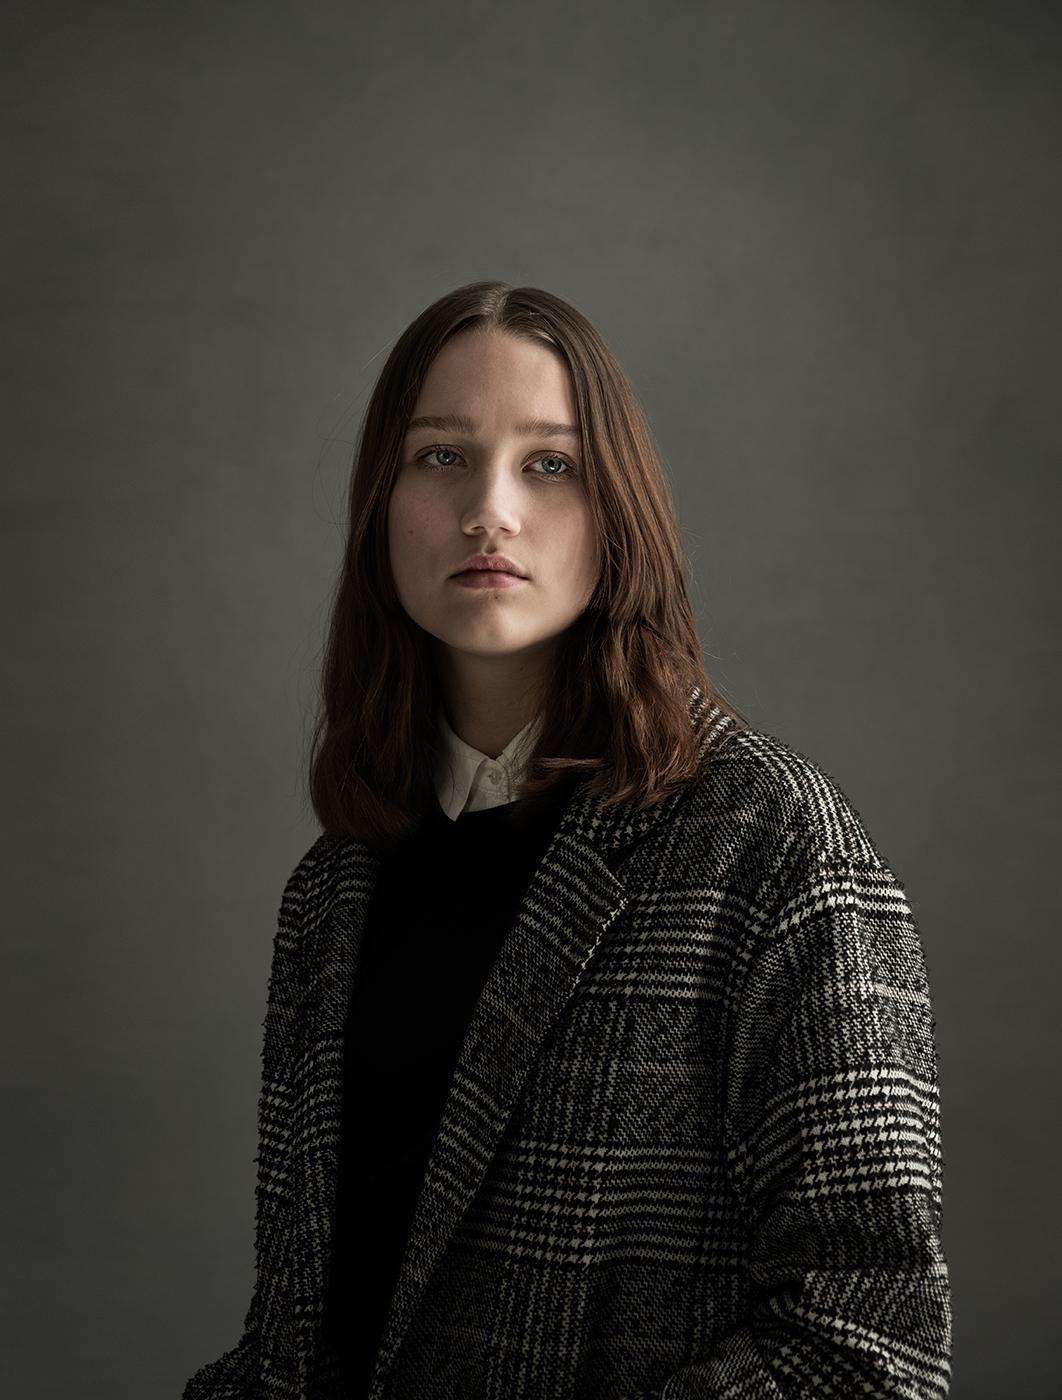 portrait of Merle, portret, portrait, Susanne Middelberg,